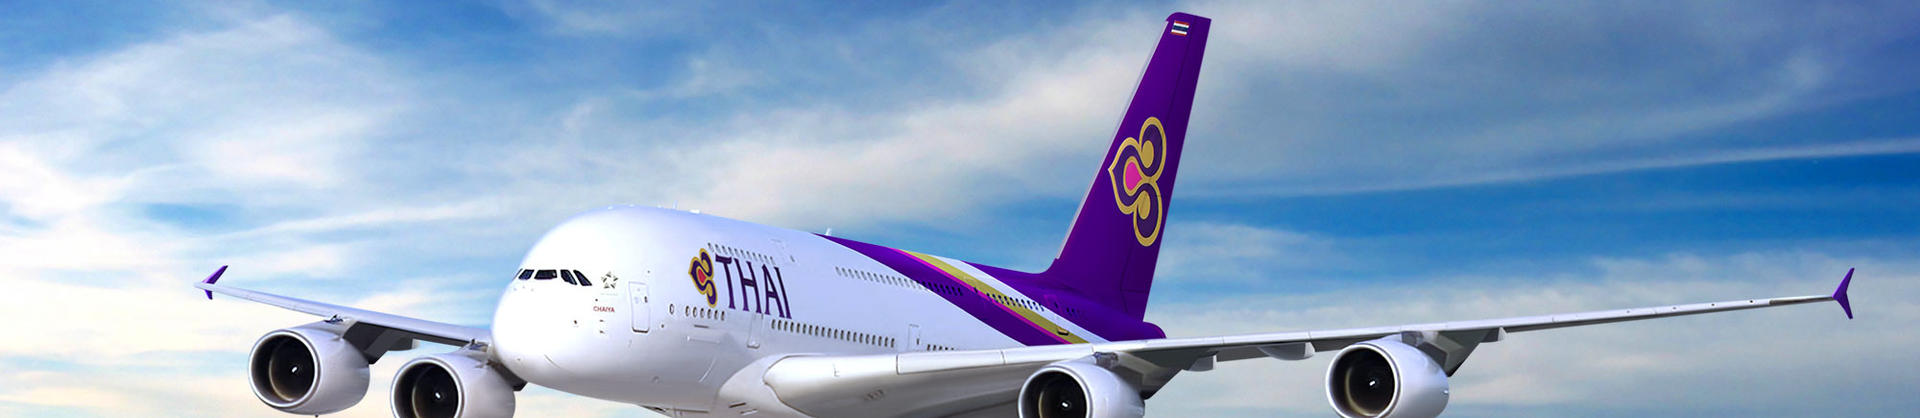 Thair Airways aircraft